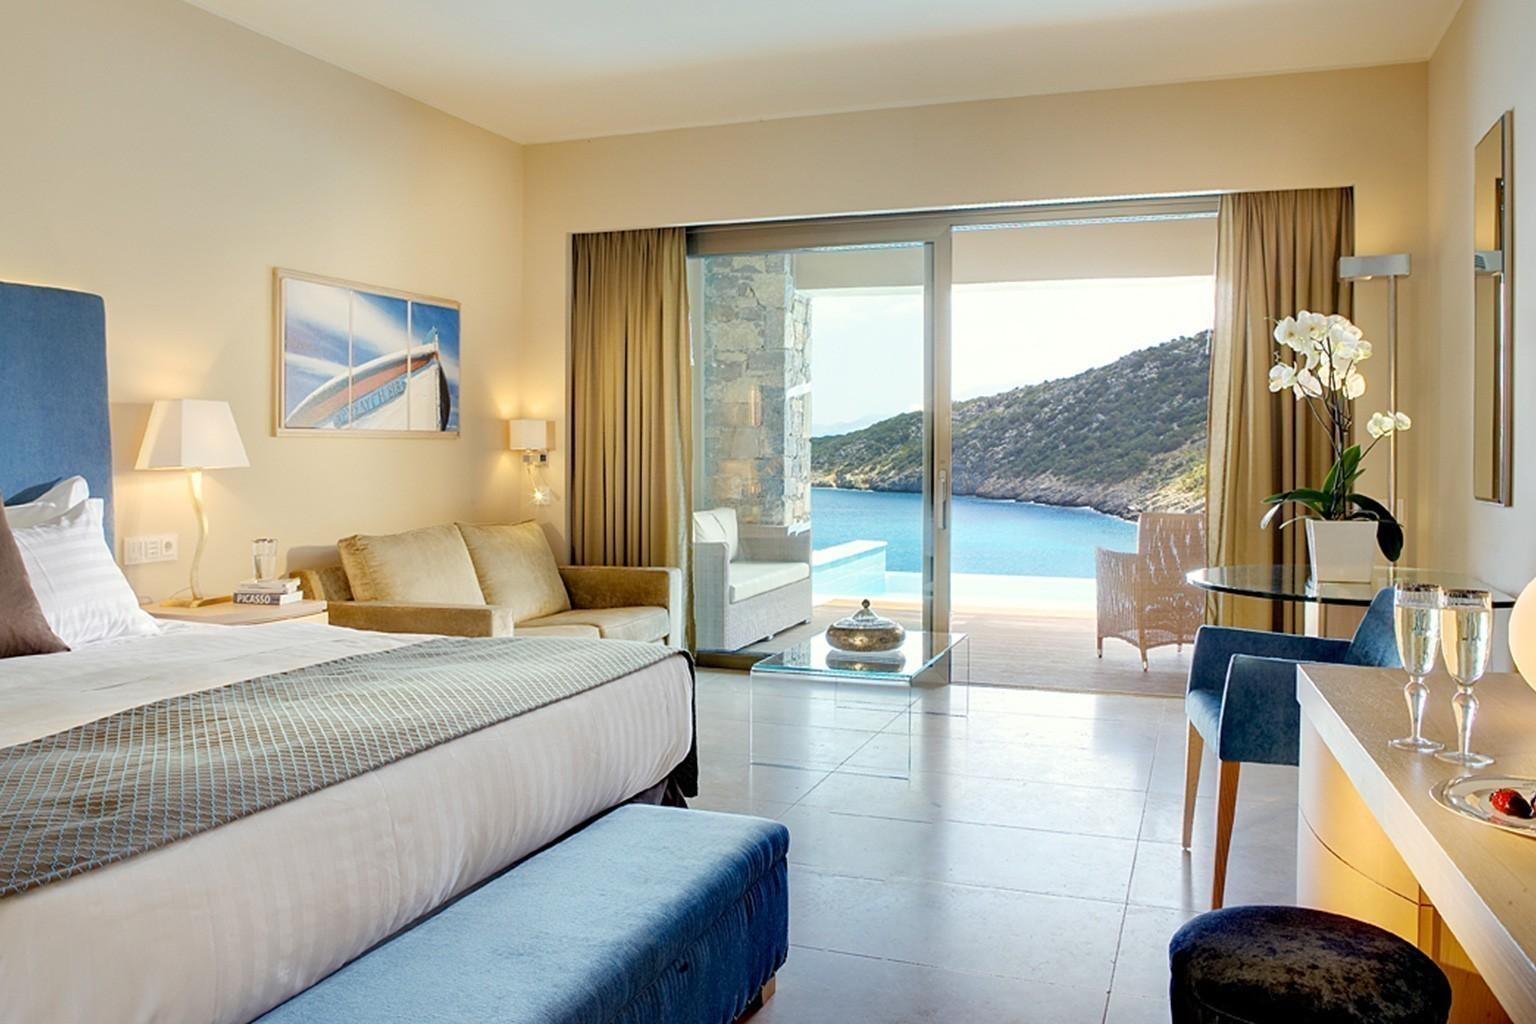 Daios cove luxury resort villas auf kreta designreisen for Design hotel kreta